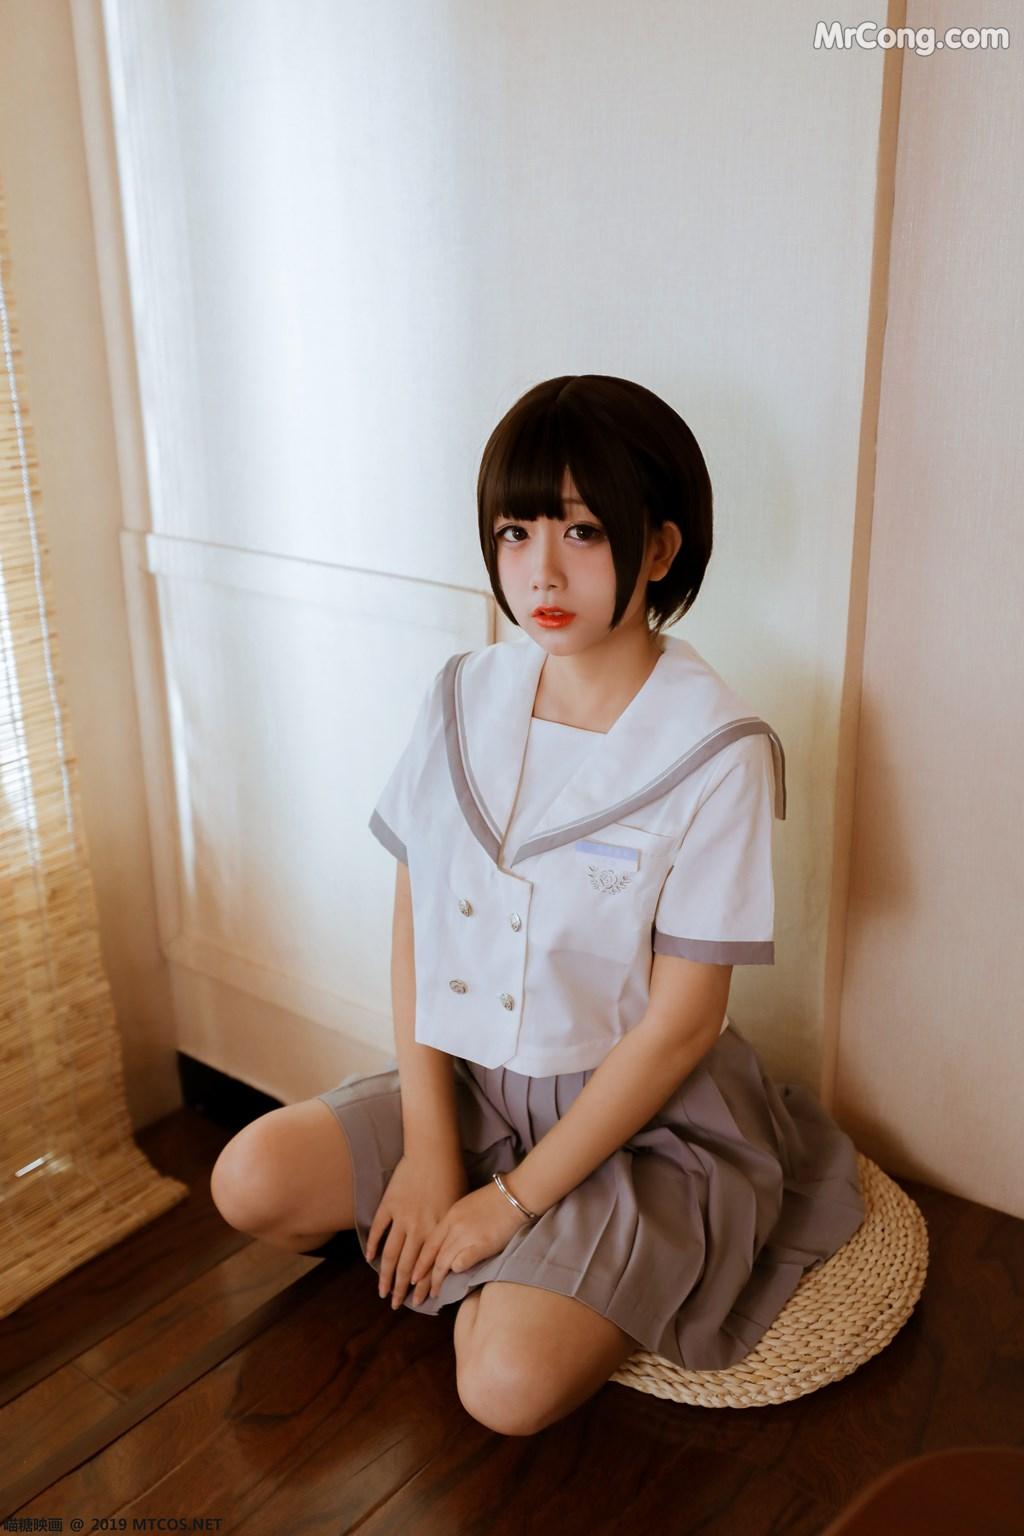 [MTCos] 喵糖映画 Vol.039: 和风少女 (40P)